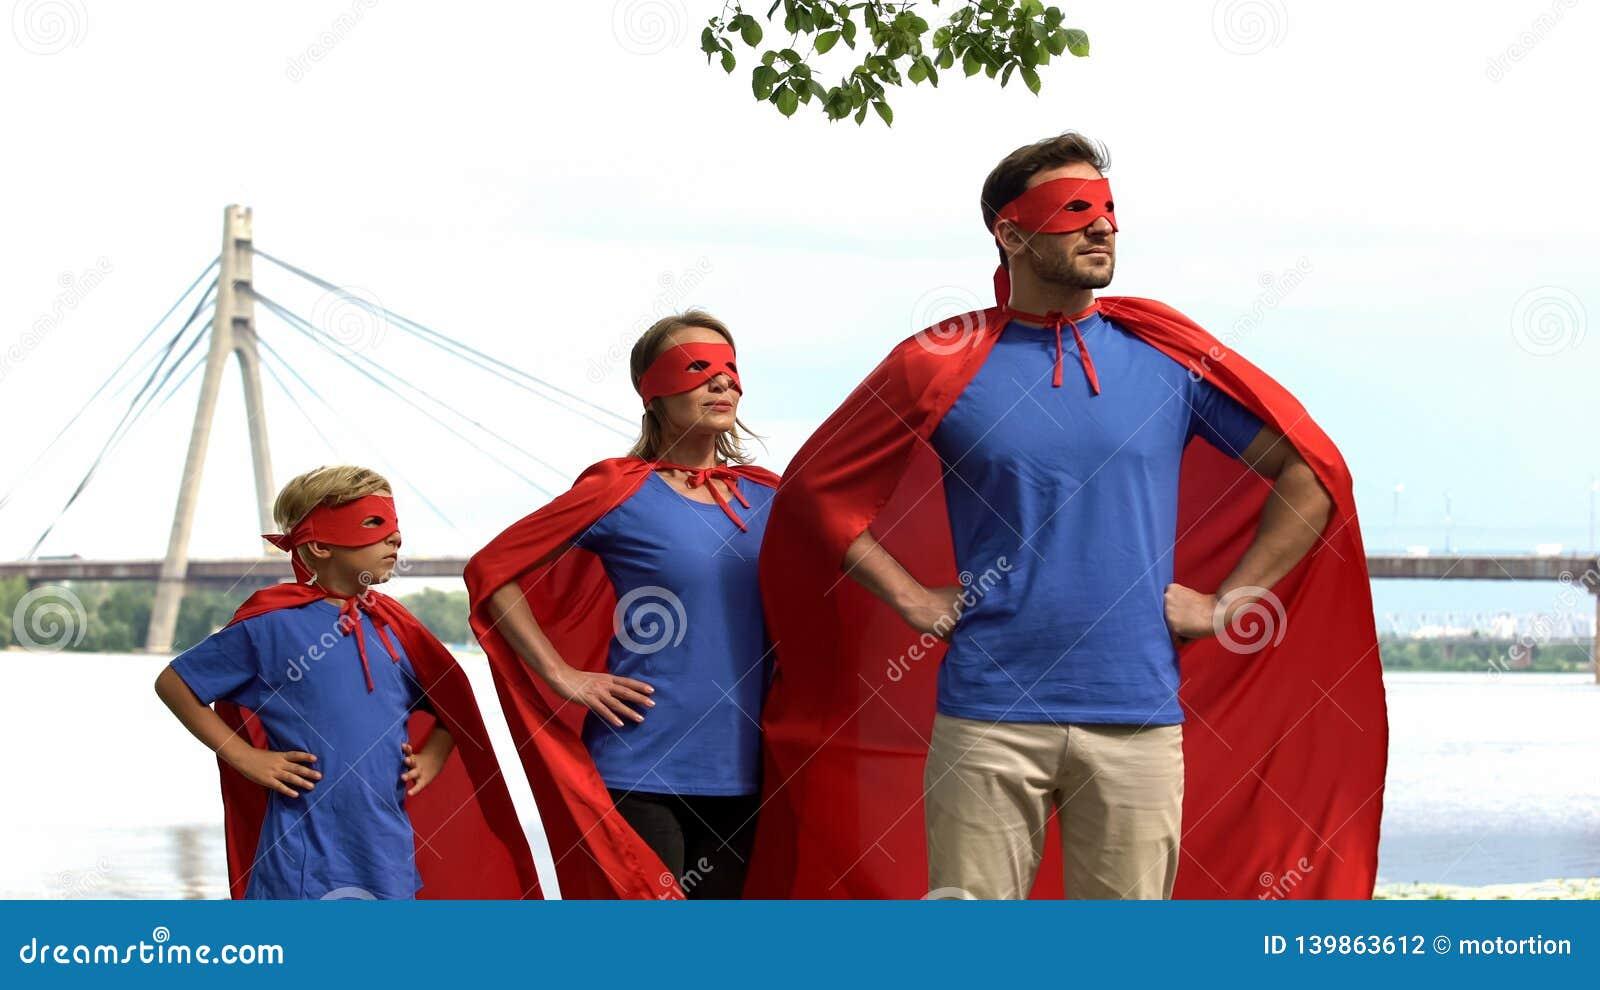 Seguridad de observación de la familia valiente del super héroe de la ciudad, equipo potente que va a la victoria